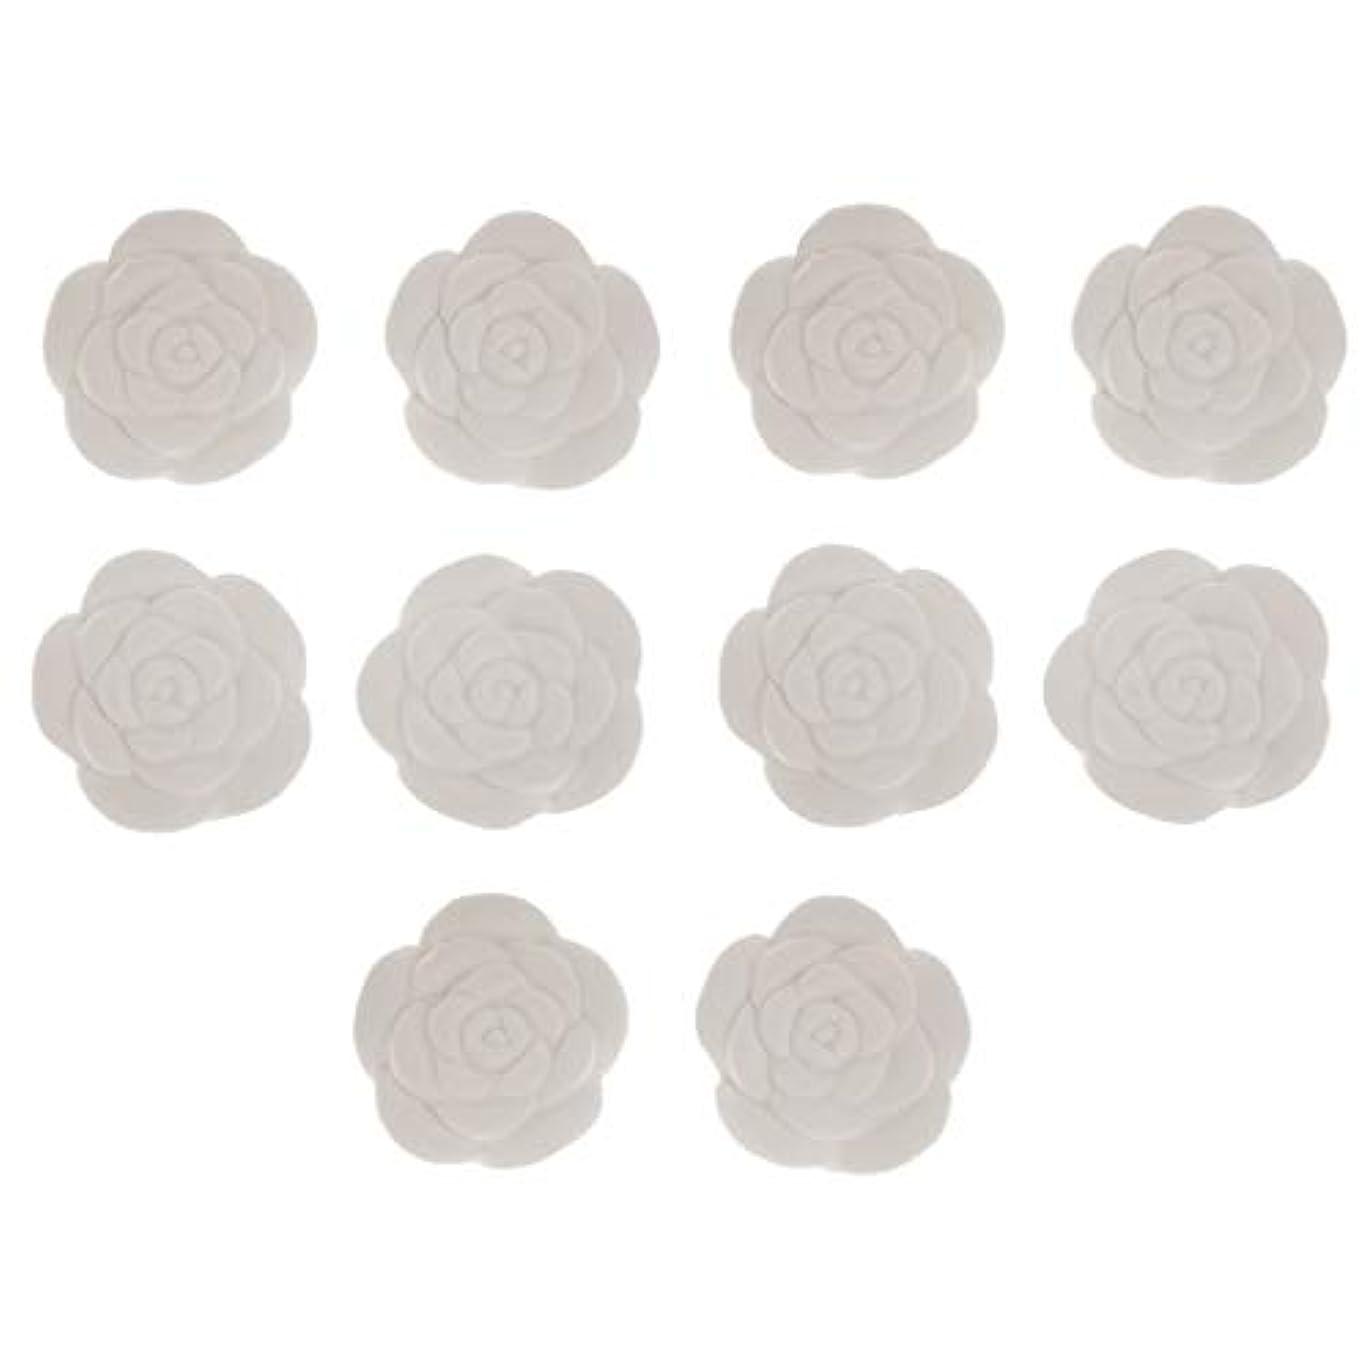 ルビーマーティフィールディングフォアマンIPOTCH アロマストーン 花形 10個 トイレ用 車用 オフィス用 寝室用 10個入り 高品質